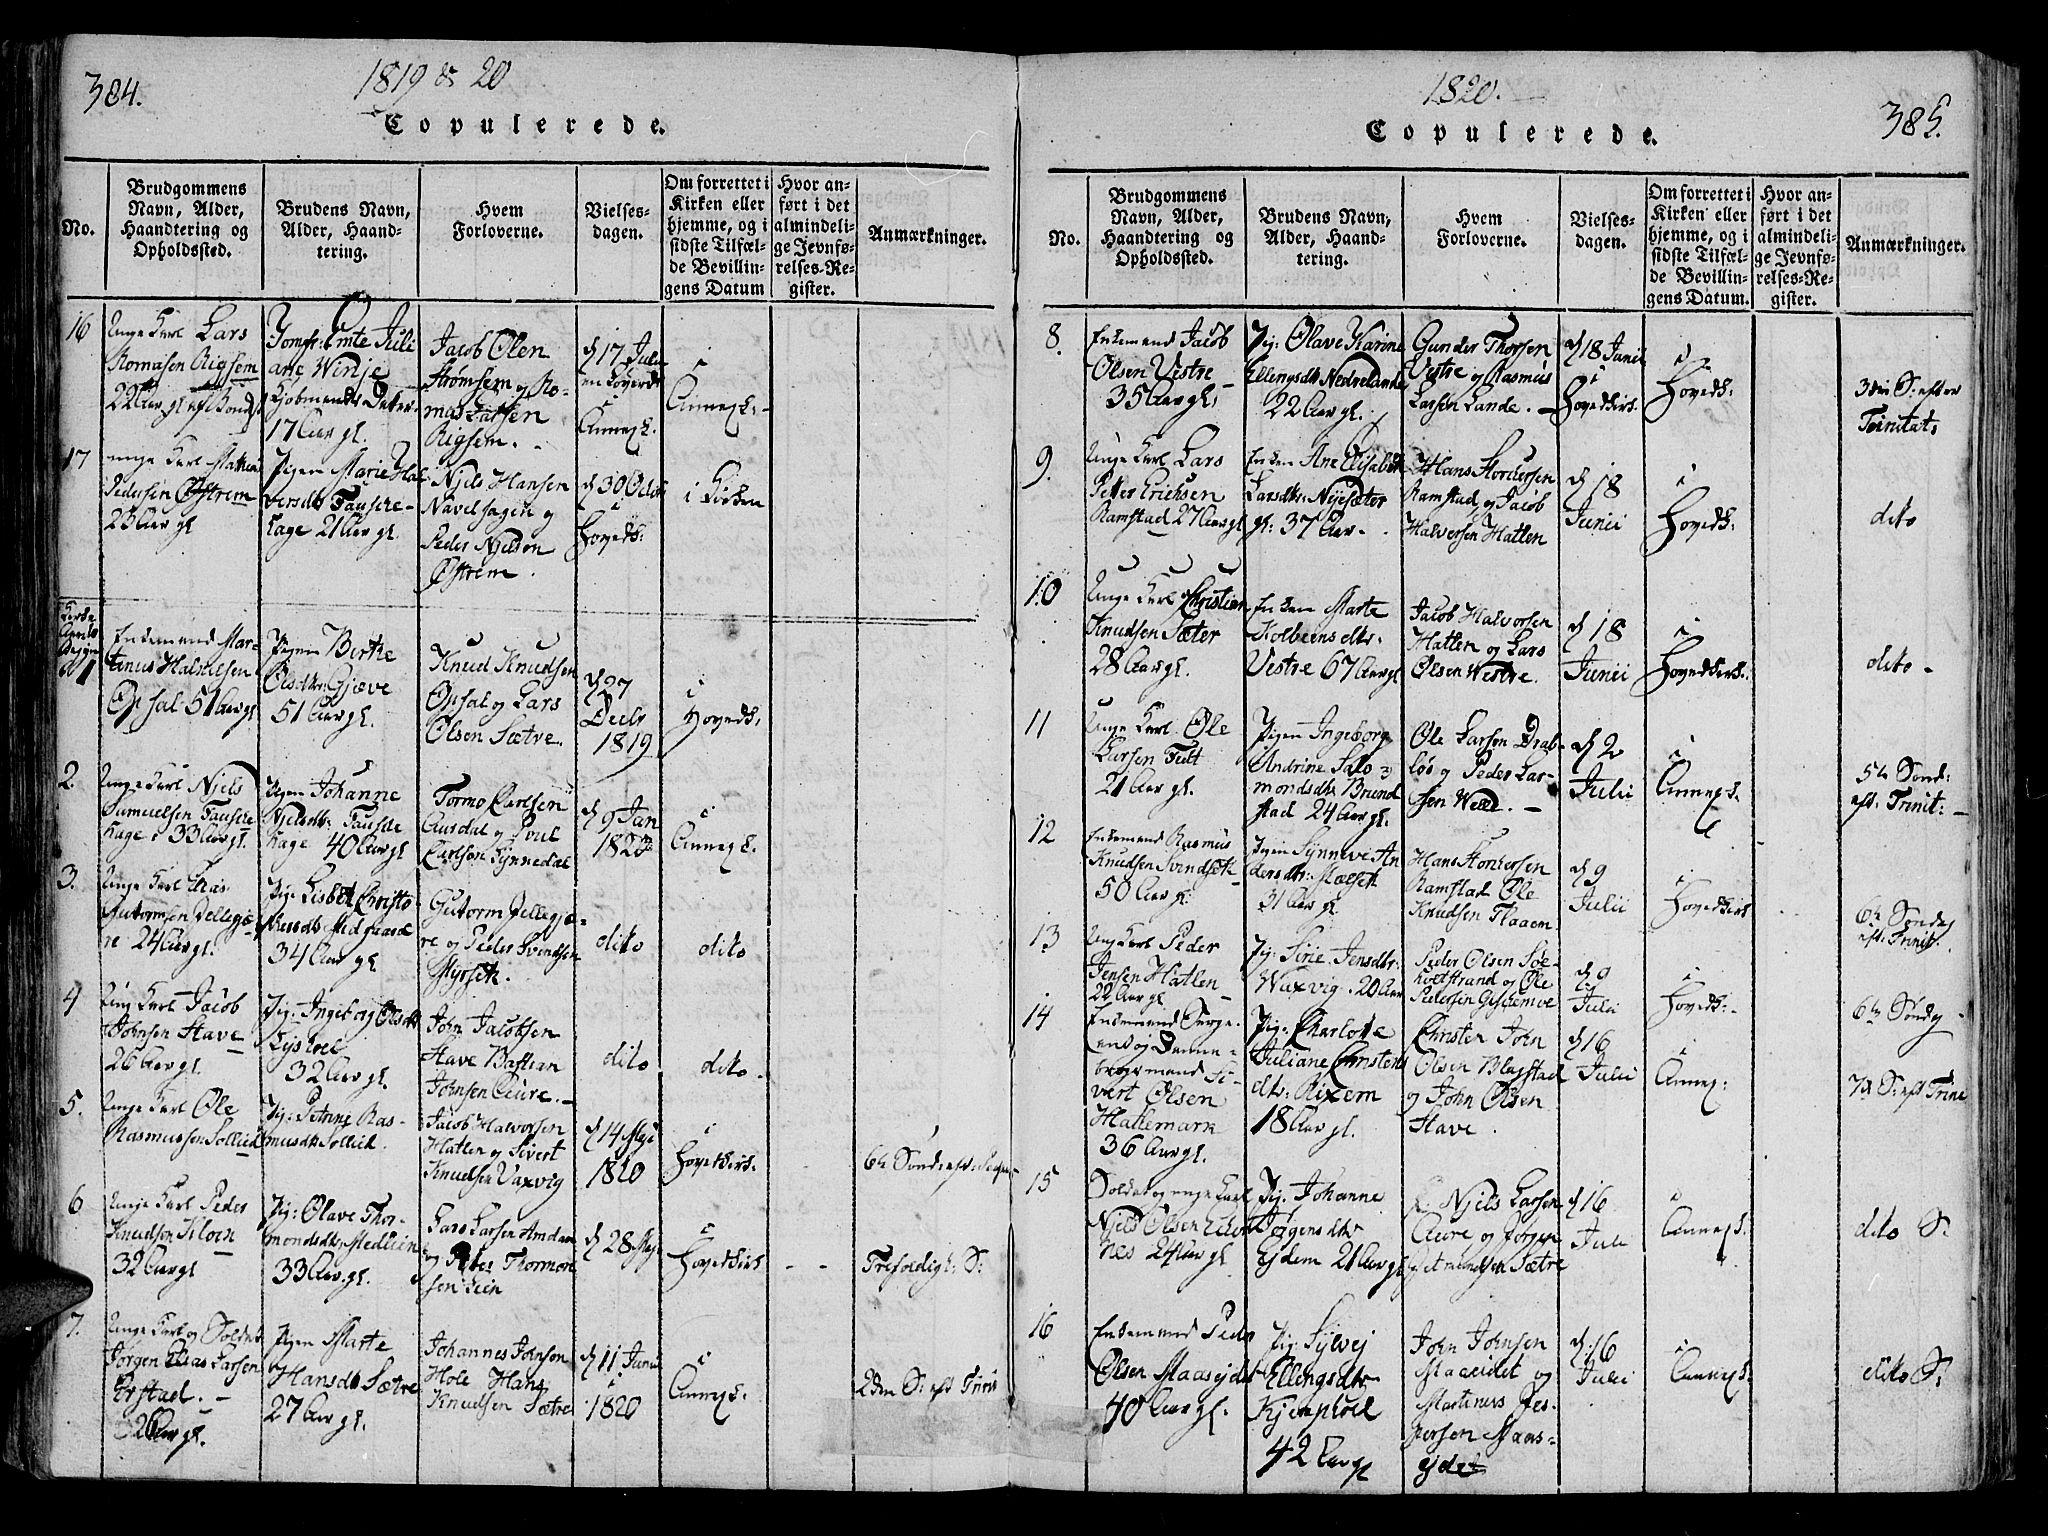 SAT, Ministerialprotokoller, klokkerbøker og fødselsregistre - Møre og Romsdal, 522/L0310: Ministerialbok nr. 522A05, 1816-1832, s. 384-385